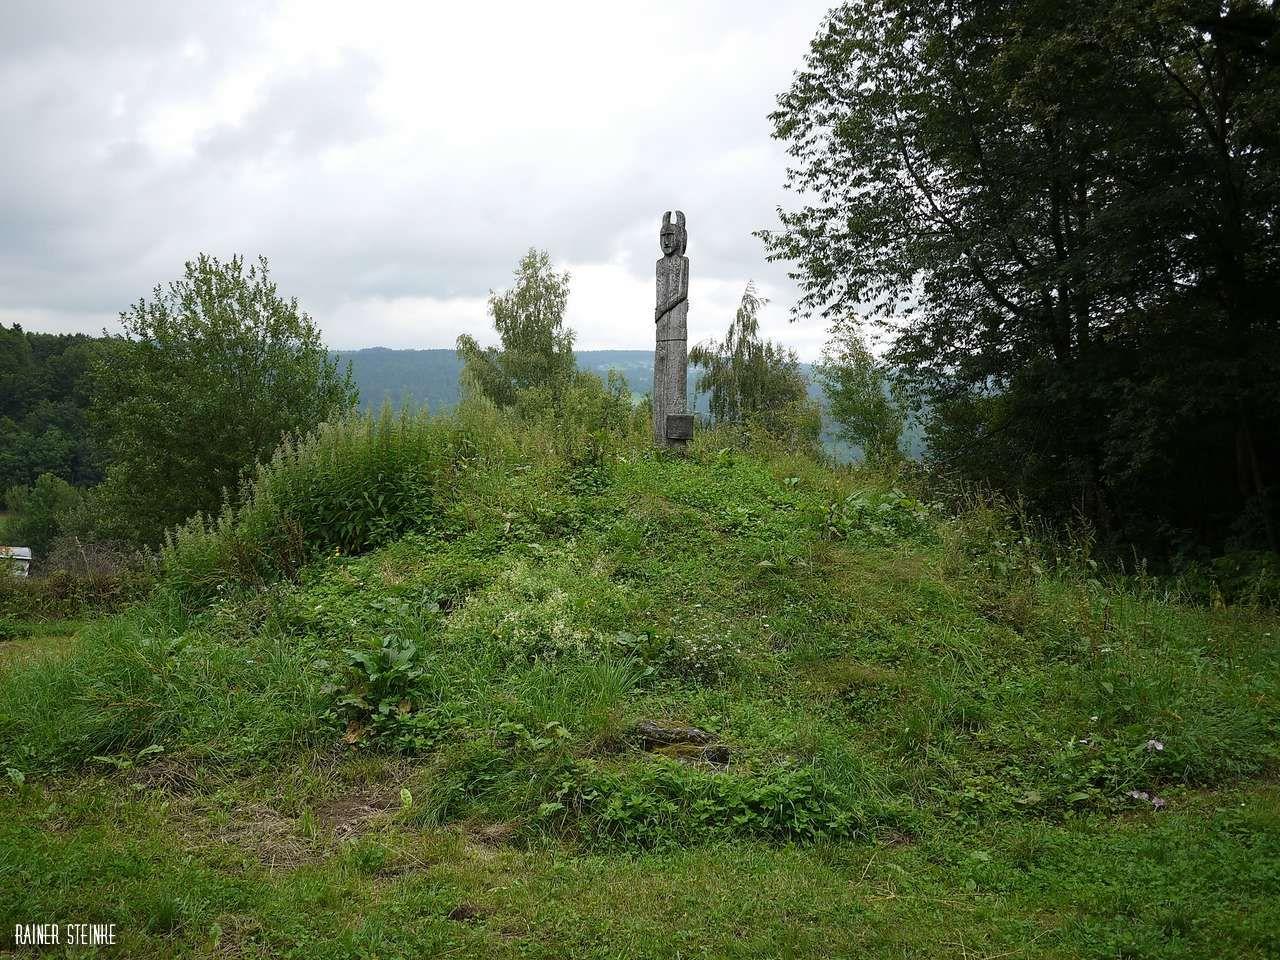 Das Keltendorf Gabreta im Bayerischen Wald